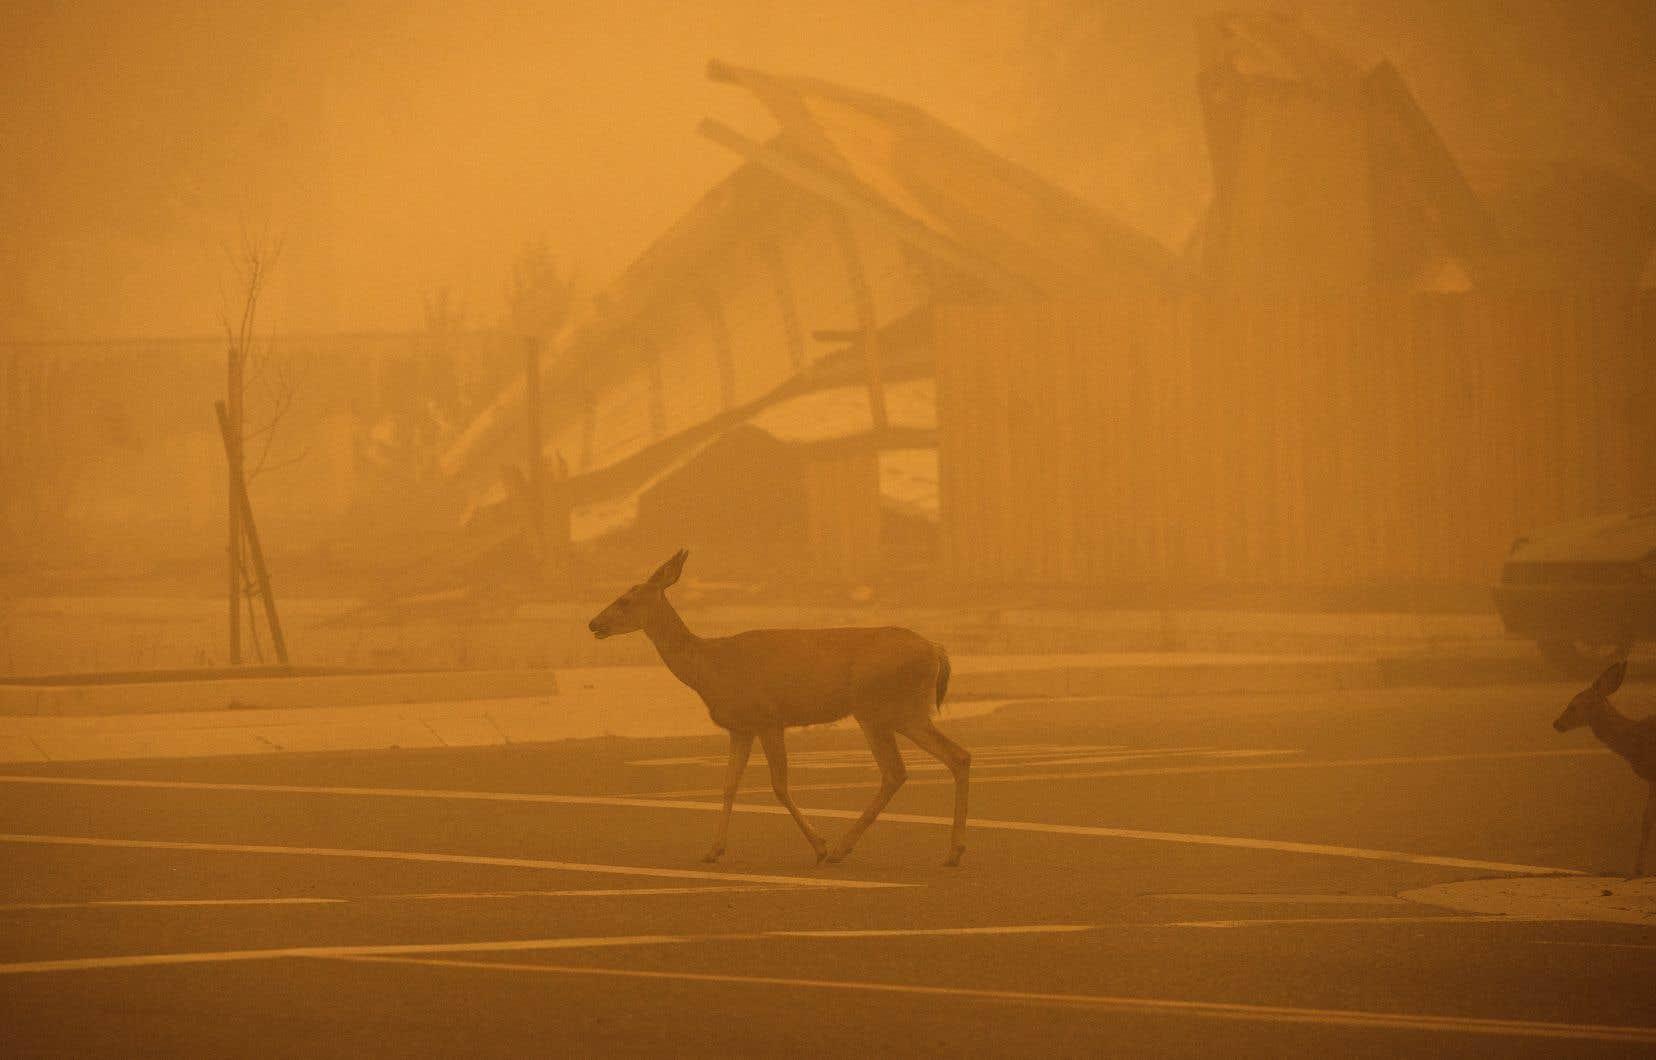 Greenville, une petite localité située dans le comté de Plumas, a été engloutie par les flammes en milieu de semaine.